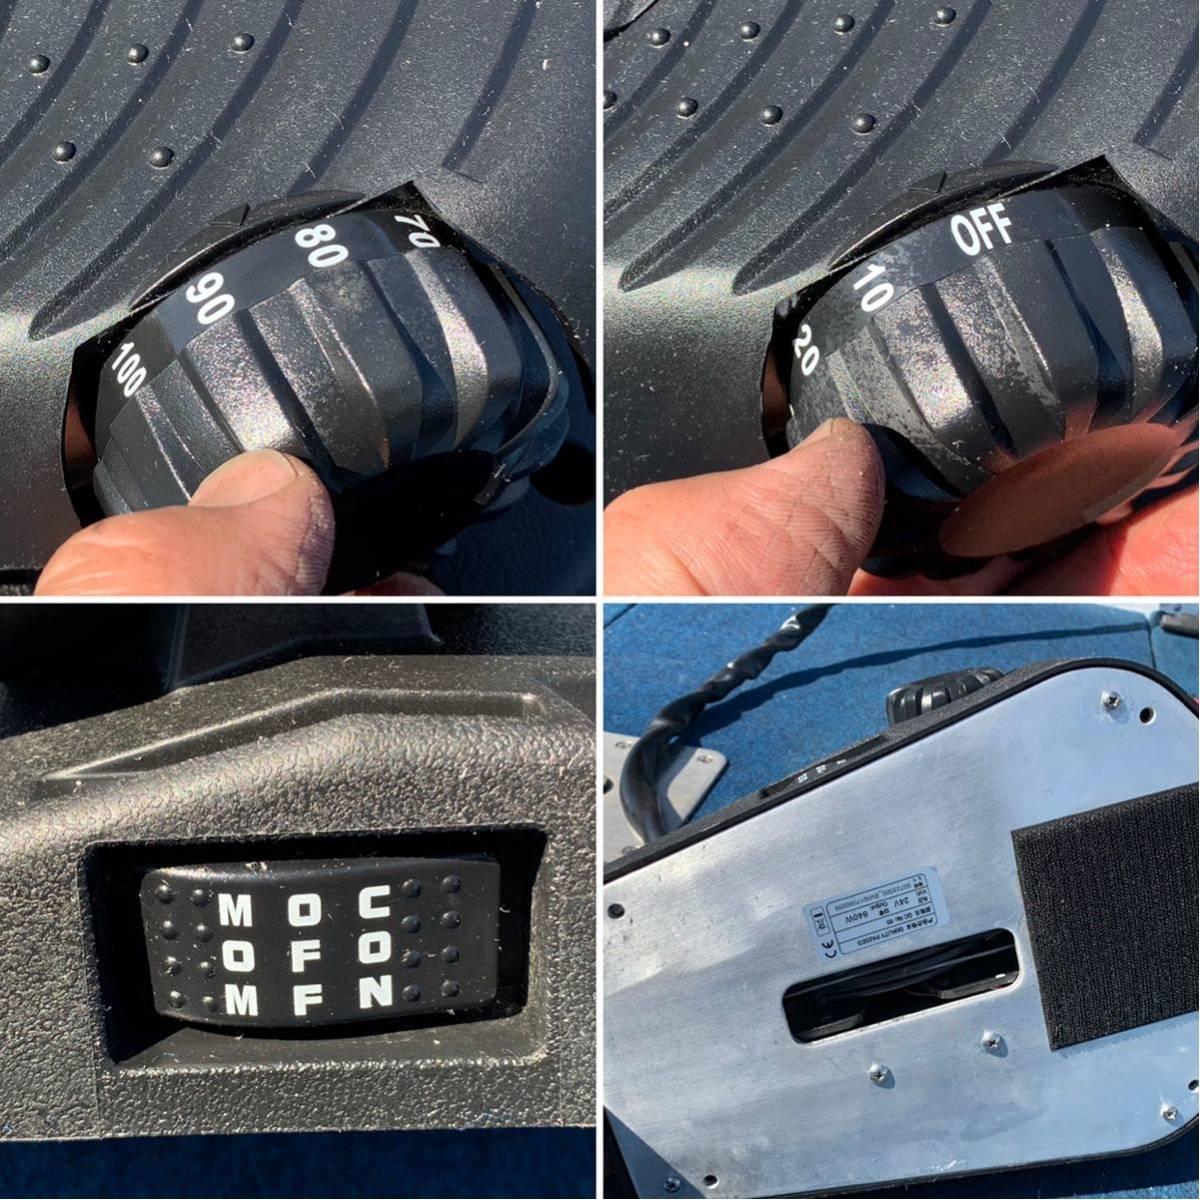 ハイガー24ボルト 80ポンド 無段階 【送料 5,000円~(北海道 沖縄 離島は着払い)】昨年購入、外観程度 良し、バッテリー残量表示、動画あり_画像9